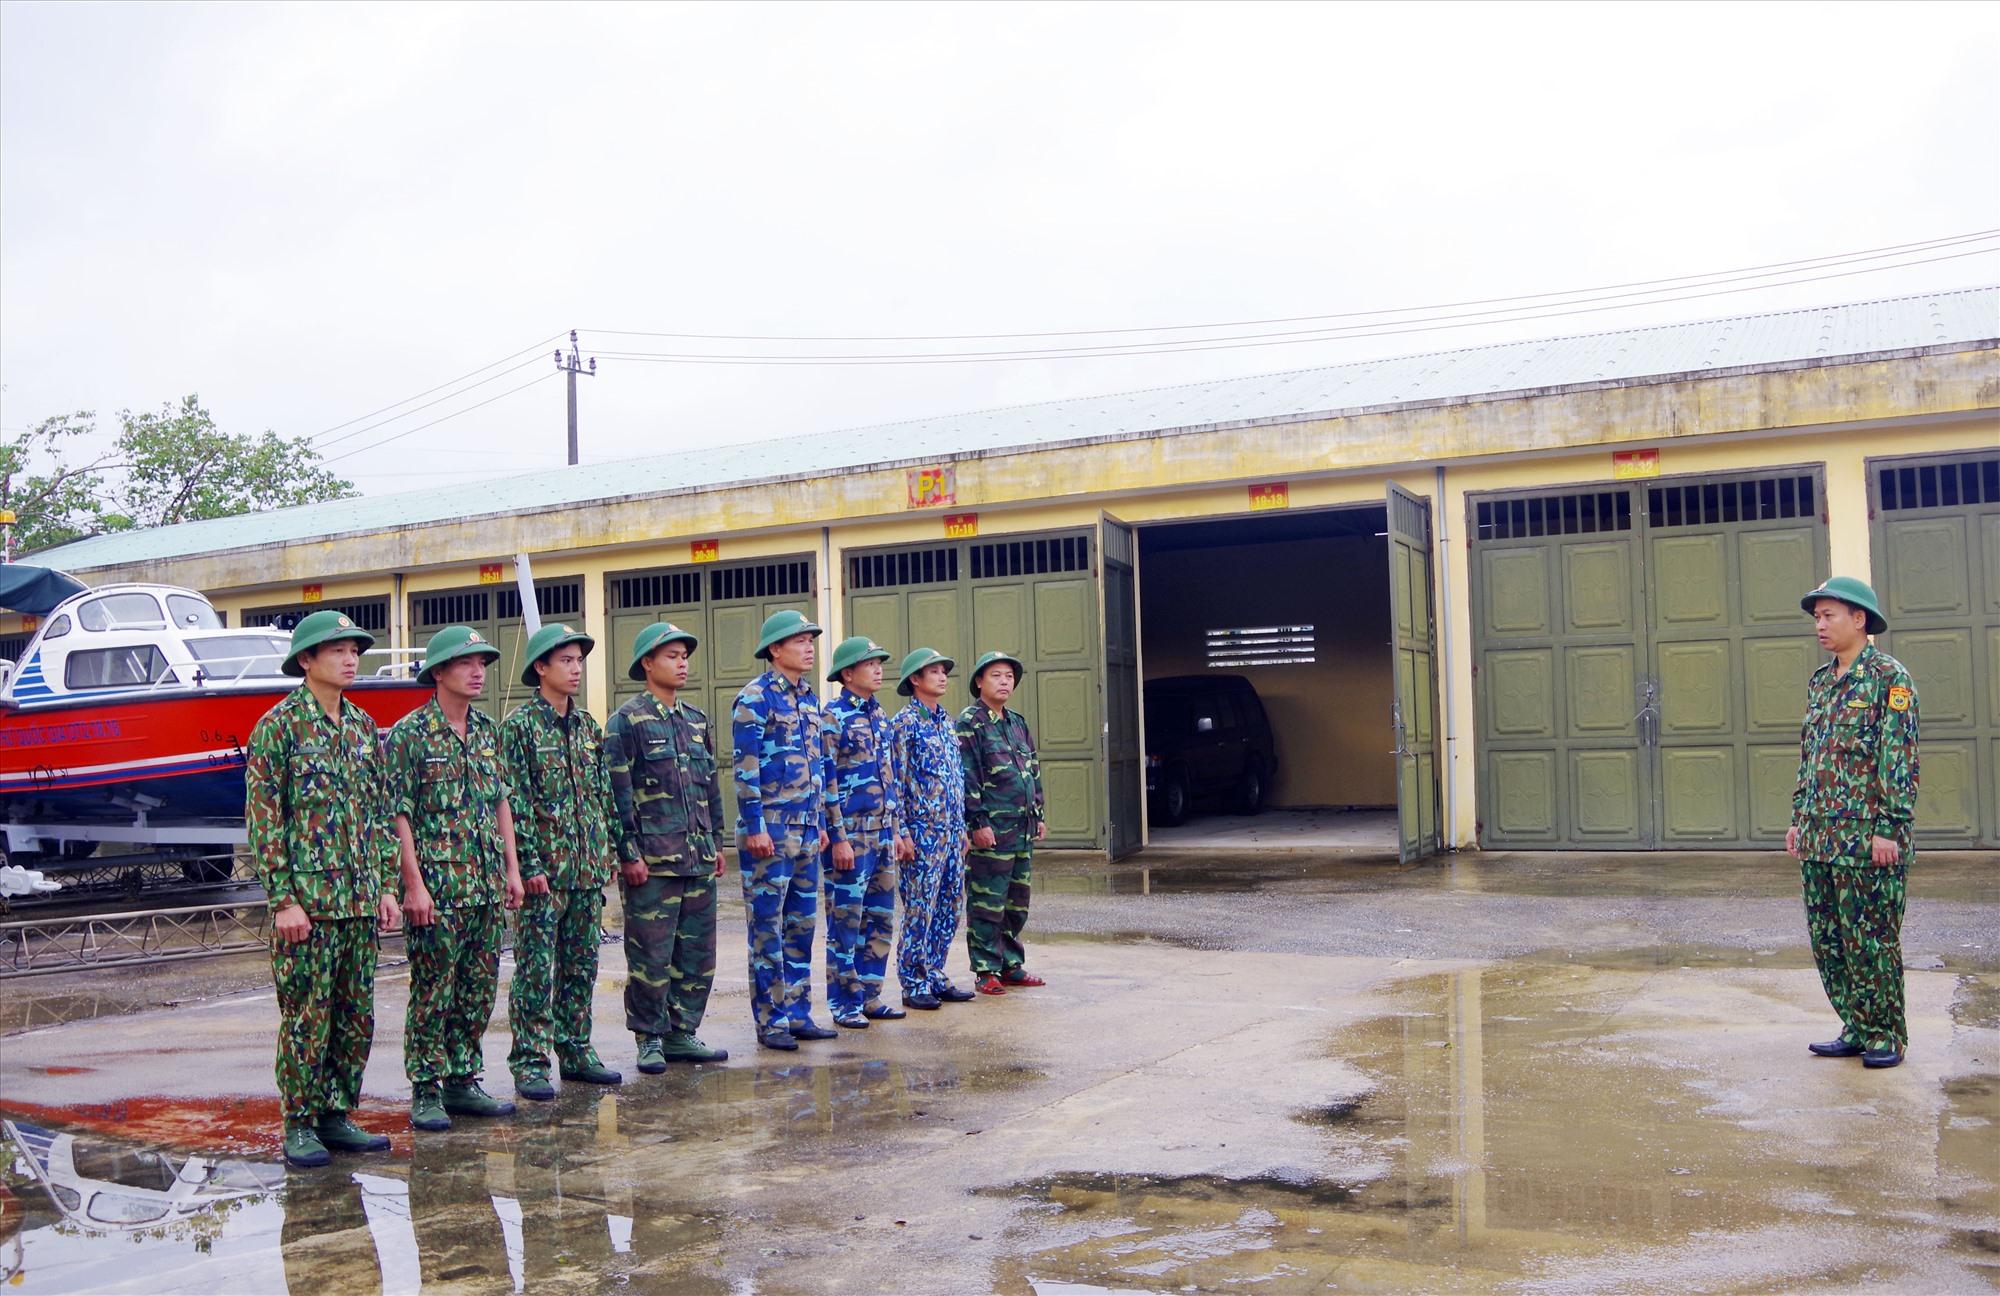 Hình 1: Đại tá Trần Tiến Hiền - Phó Chỉ huy trưởng BĐBP tỉnh động viên, giao nhiệm vụ cho đội tìm kiếm cứu nạn.Ảnh: HỒNG ANH